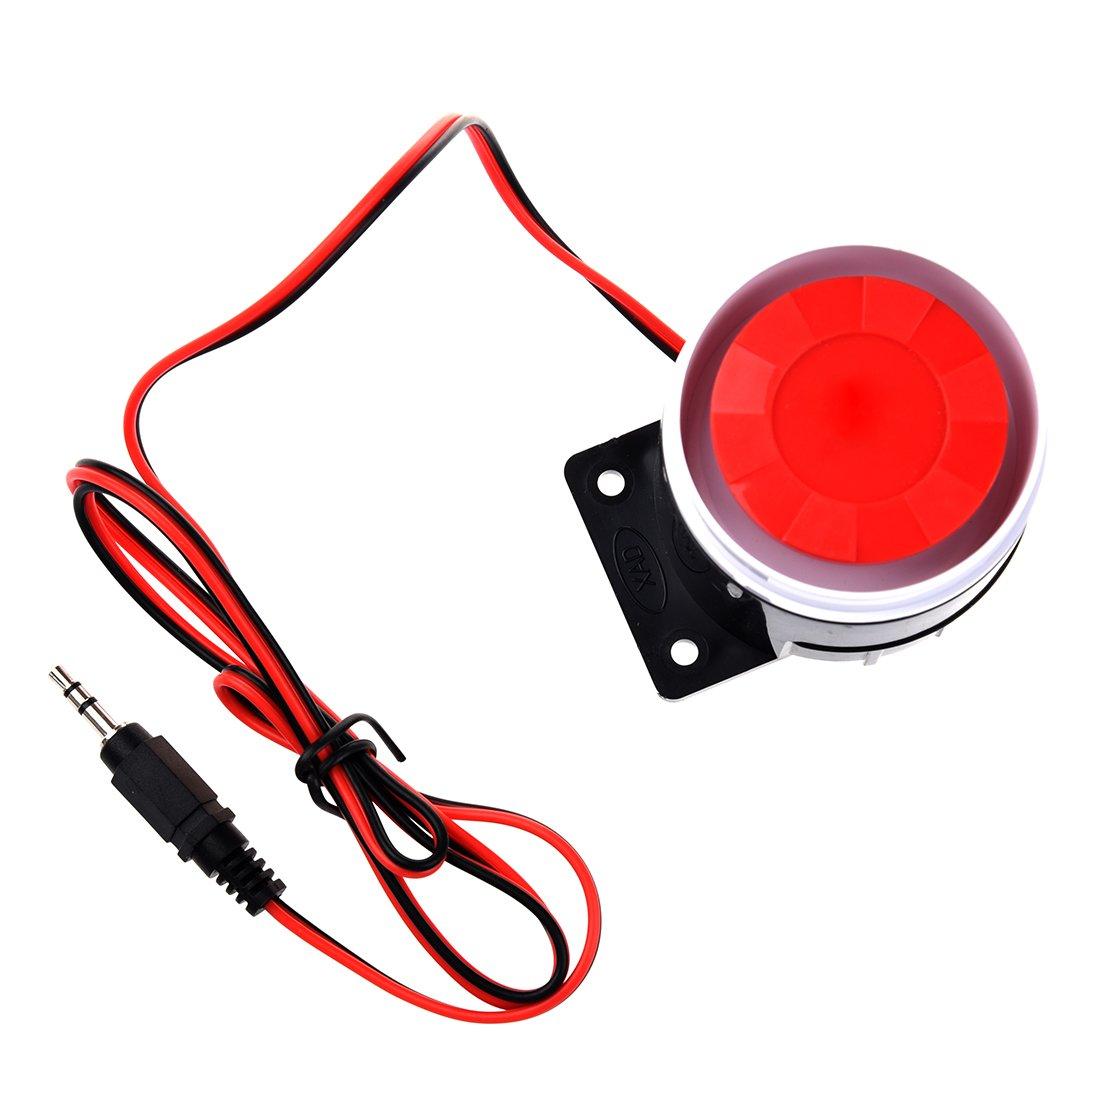 R SODIAL Mini Sirena con cable para sistema de alarma de seguridad de casa Sirena de bocina 120dB 12V